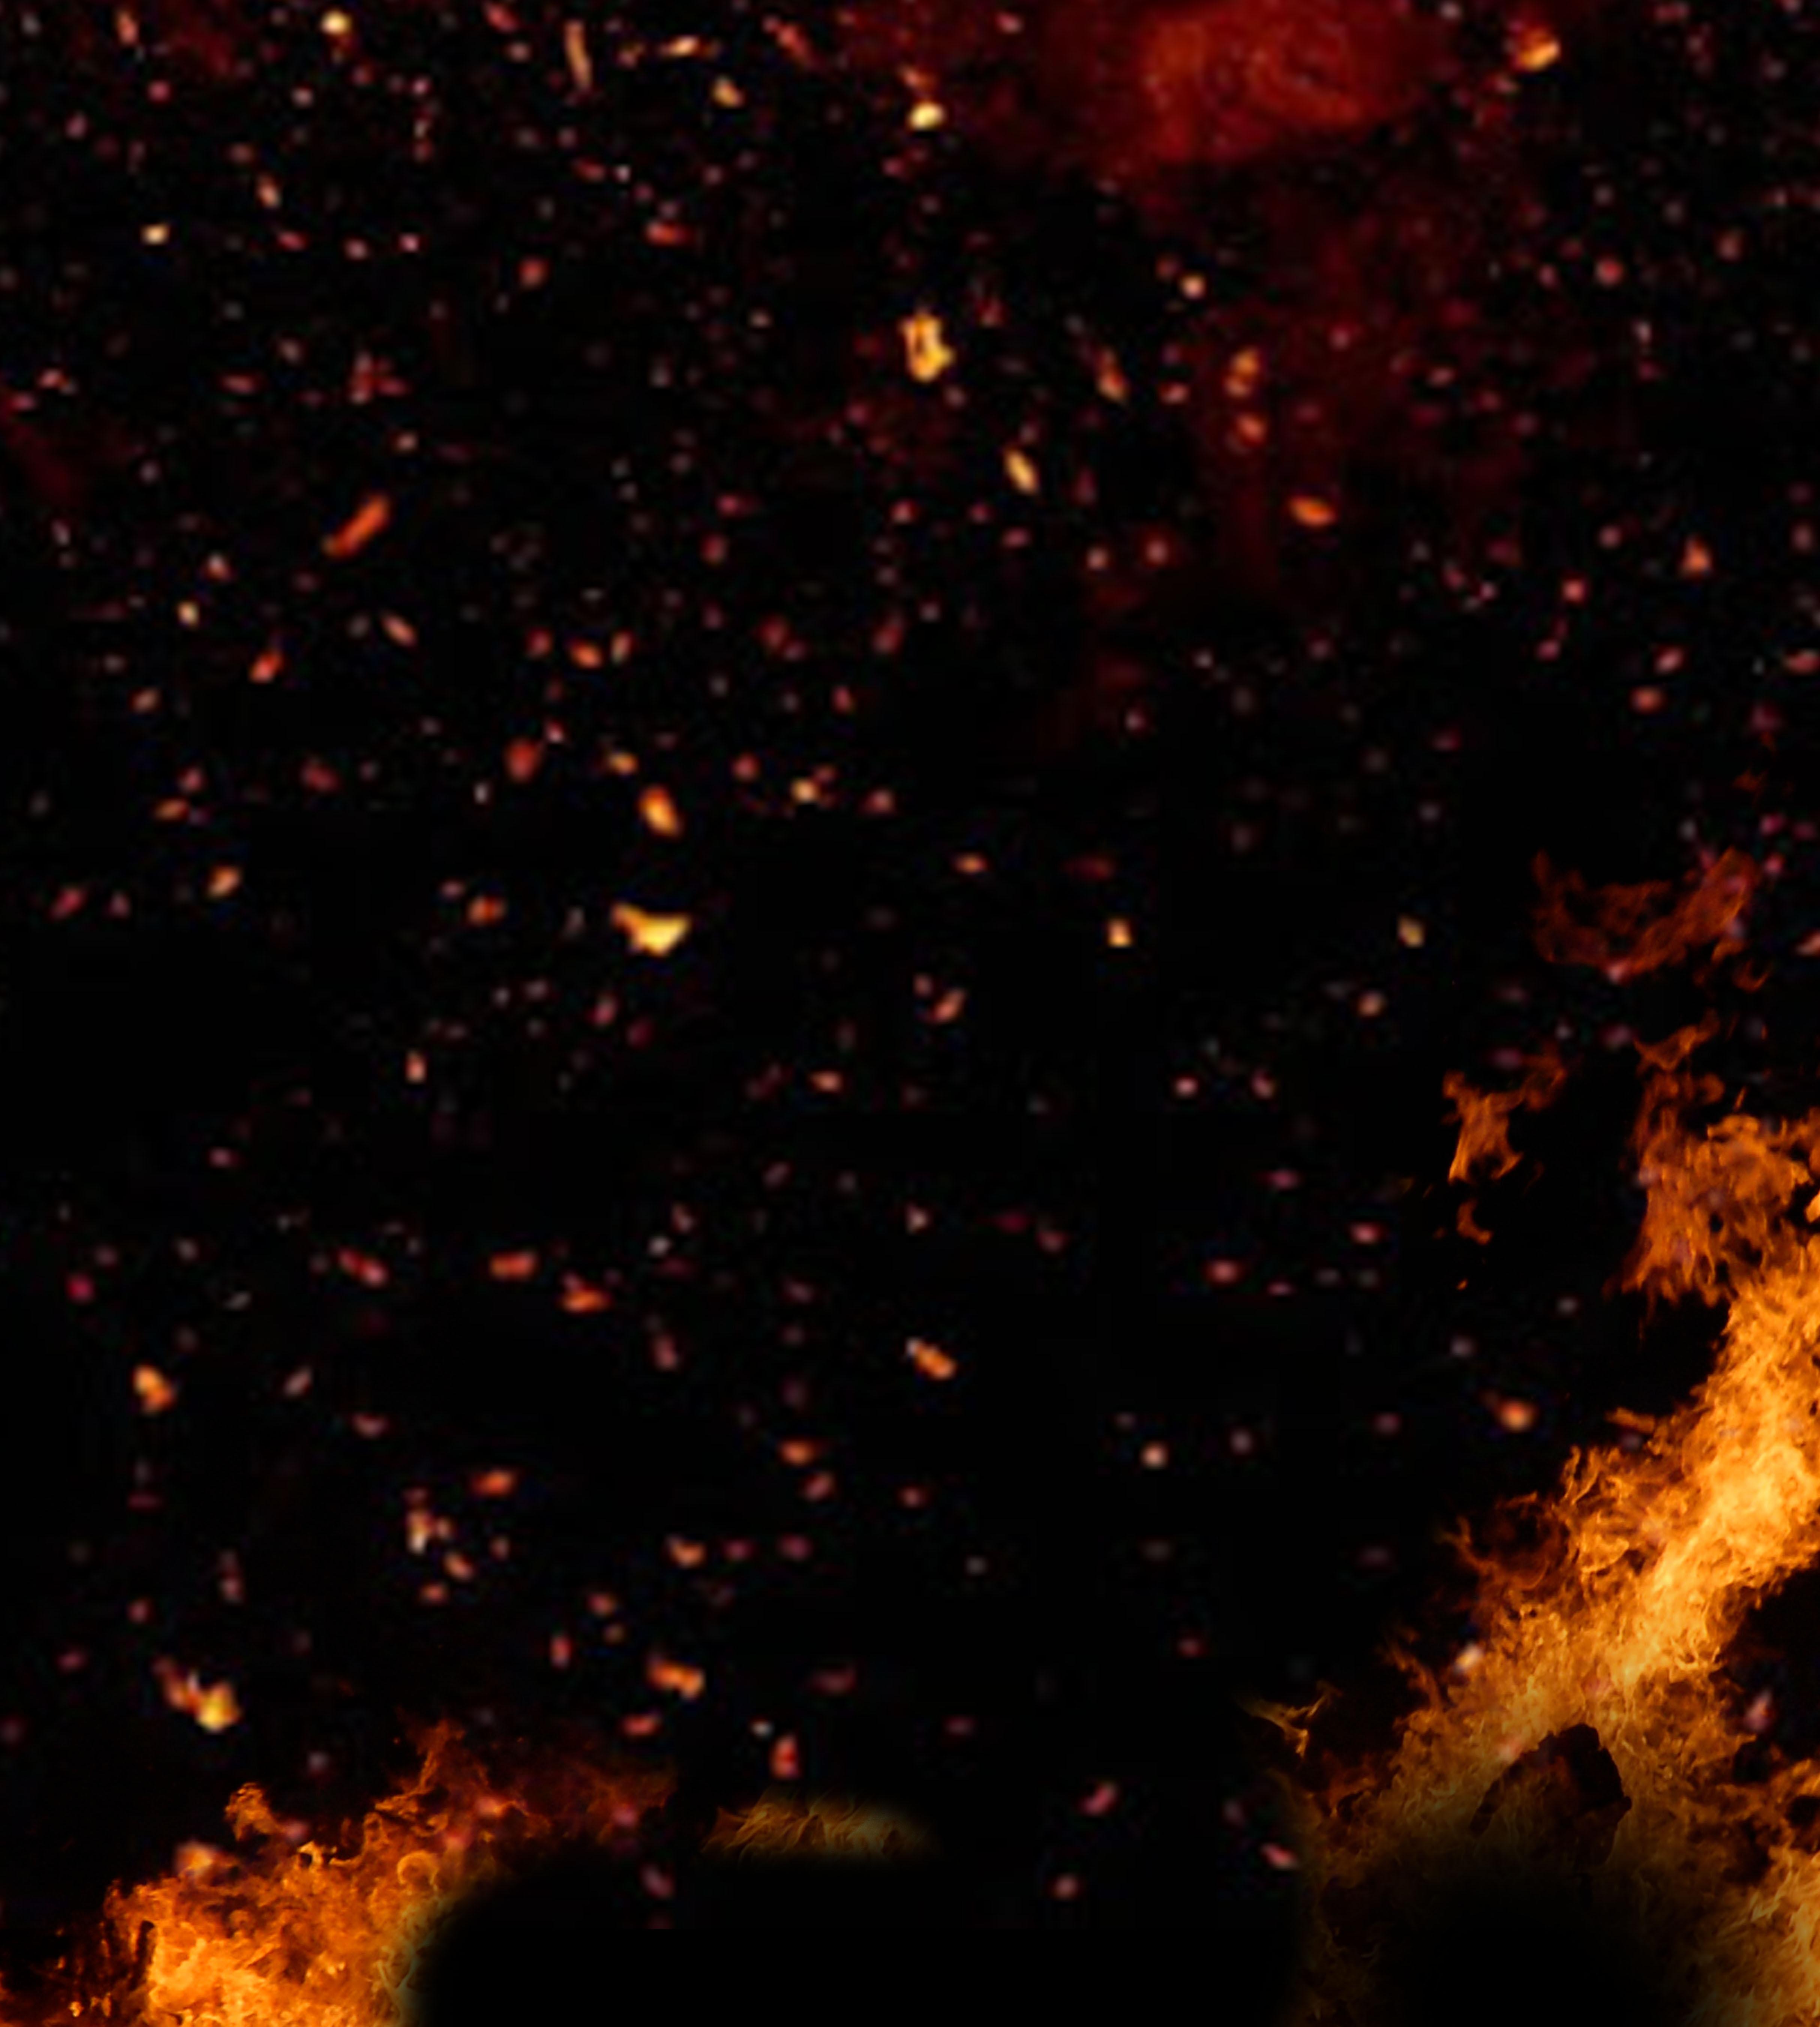 fire overlay sparks